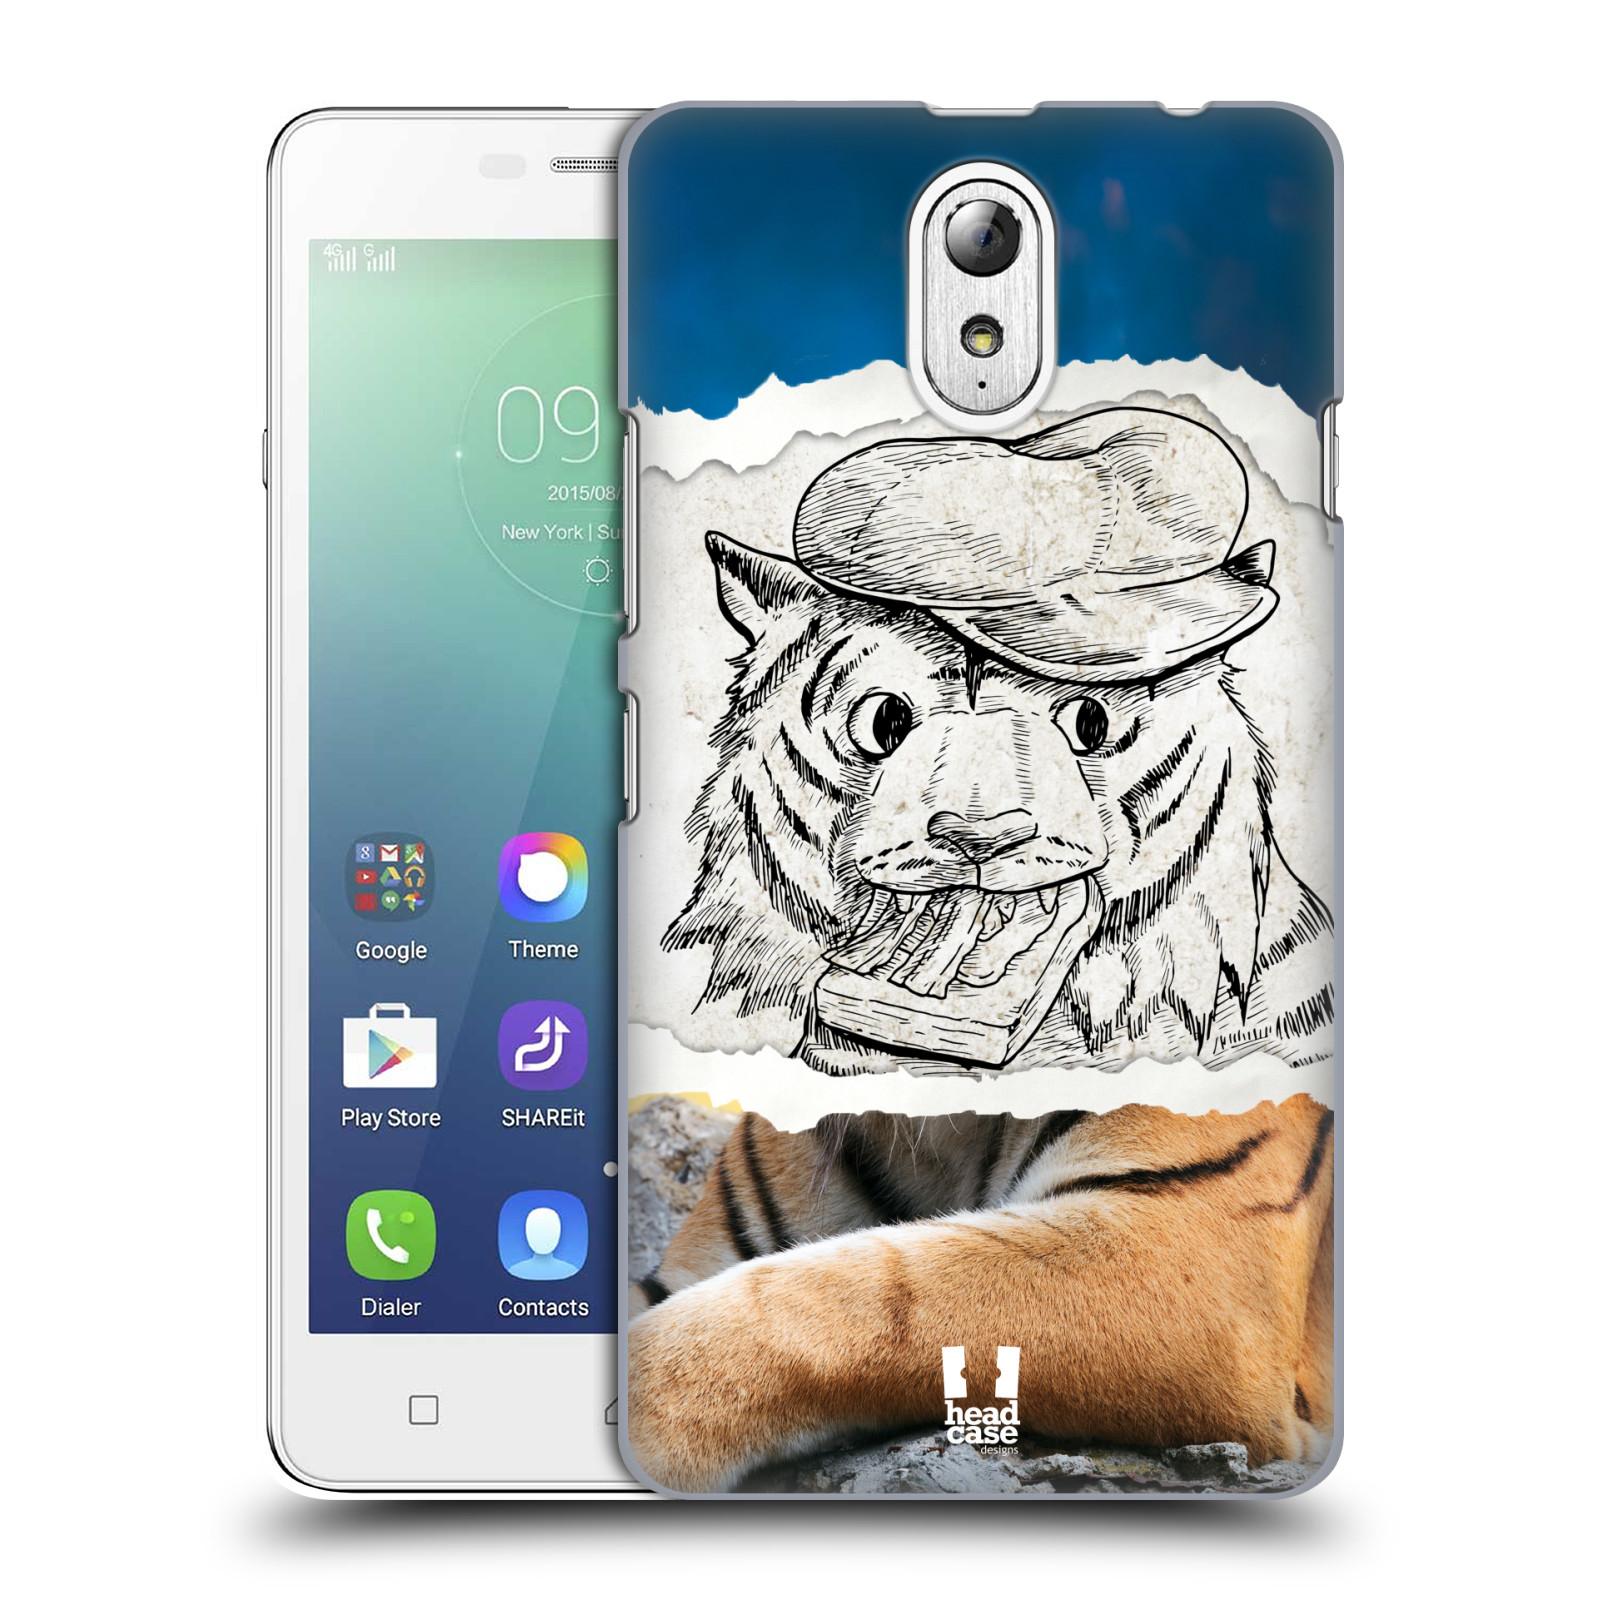 HEAD CASE pevný plastový obal na mobil LENOVO VIBE P1m / LENOVO VIBE p1m DUAL SIM vzor zvířata koláž tygr fešák